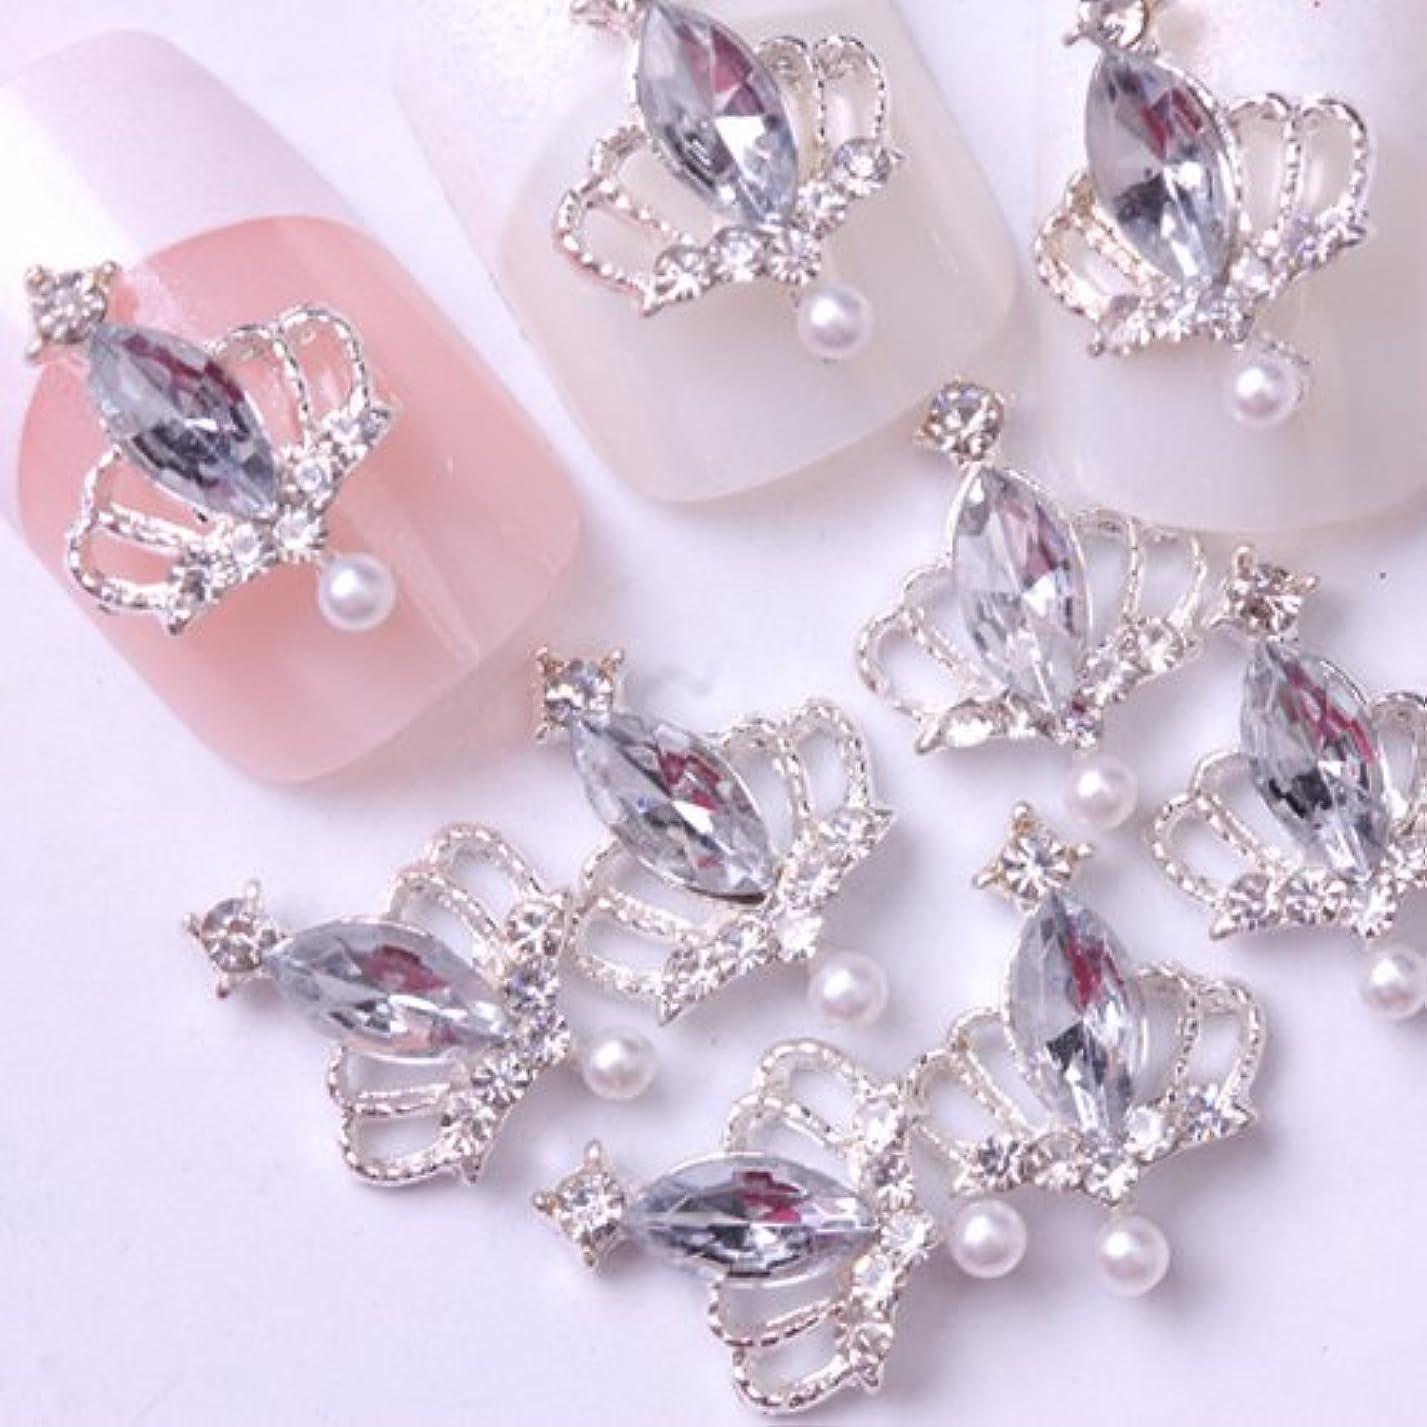 求める好色な苛性ダイヤモンド ラインストーン 合金ネイルアート 装飾チャーム ジュエリー 10個入り 全13スタイル - 09